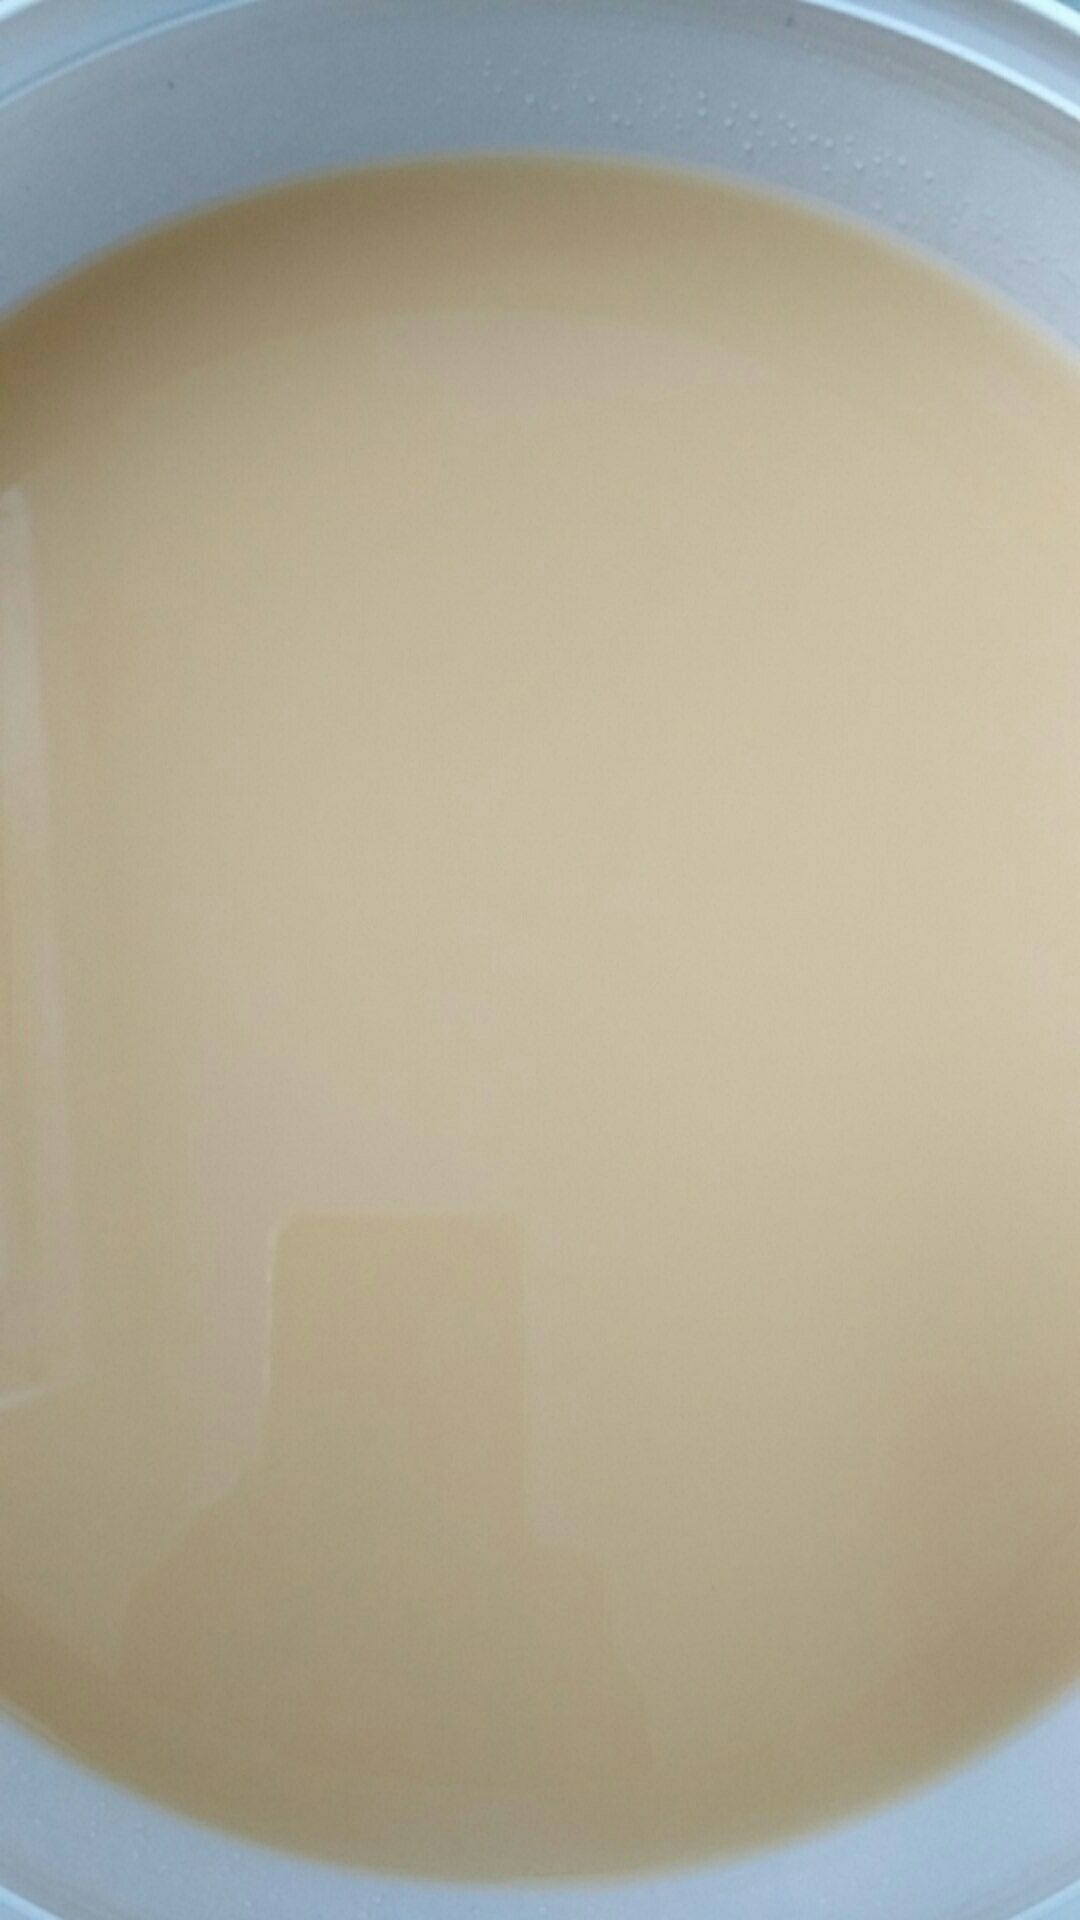 天瑞化工_信誉好的木工胶提供商-木工胶